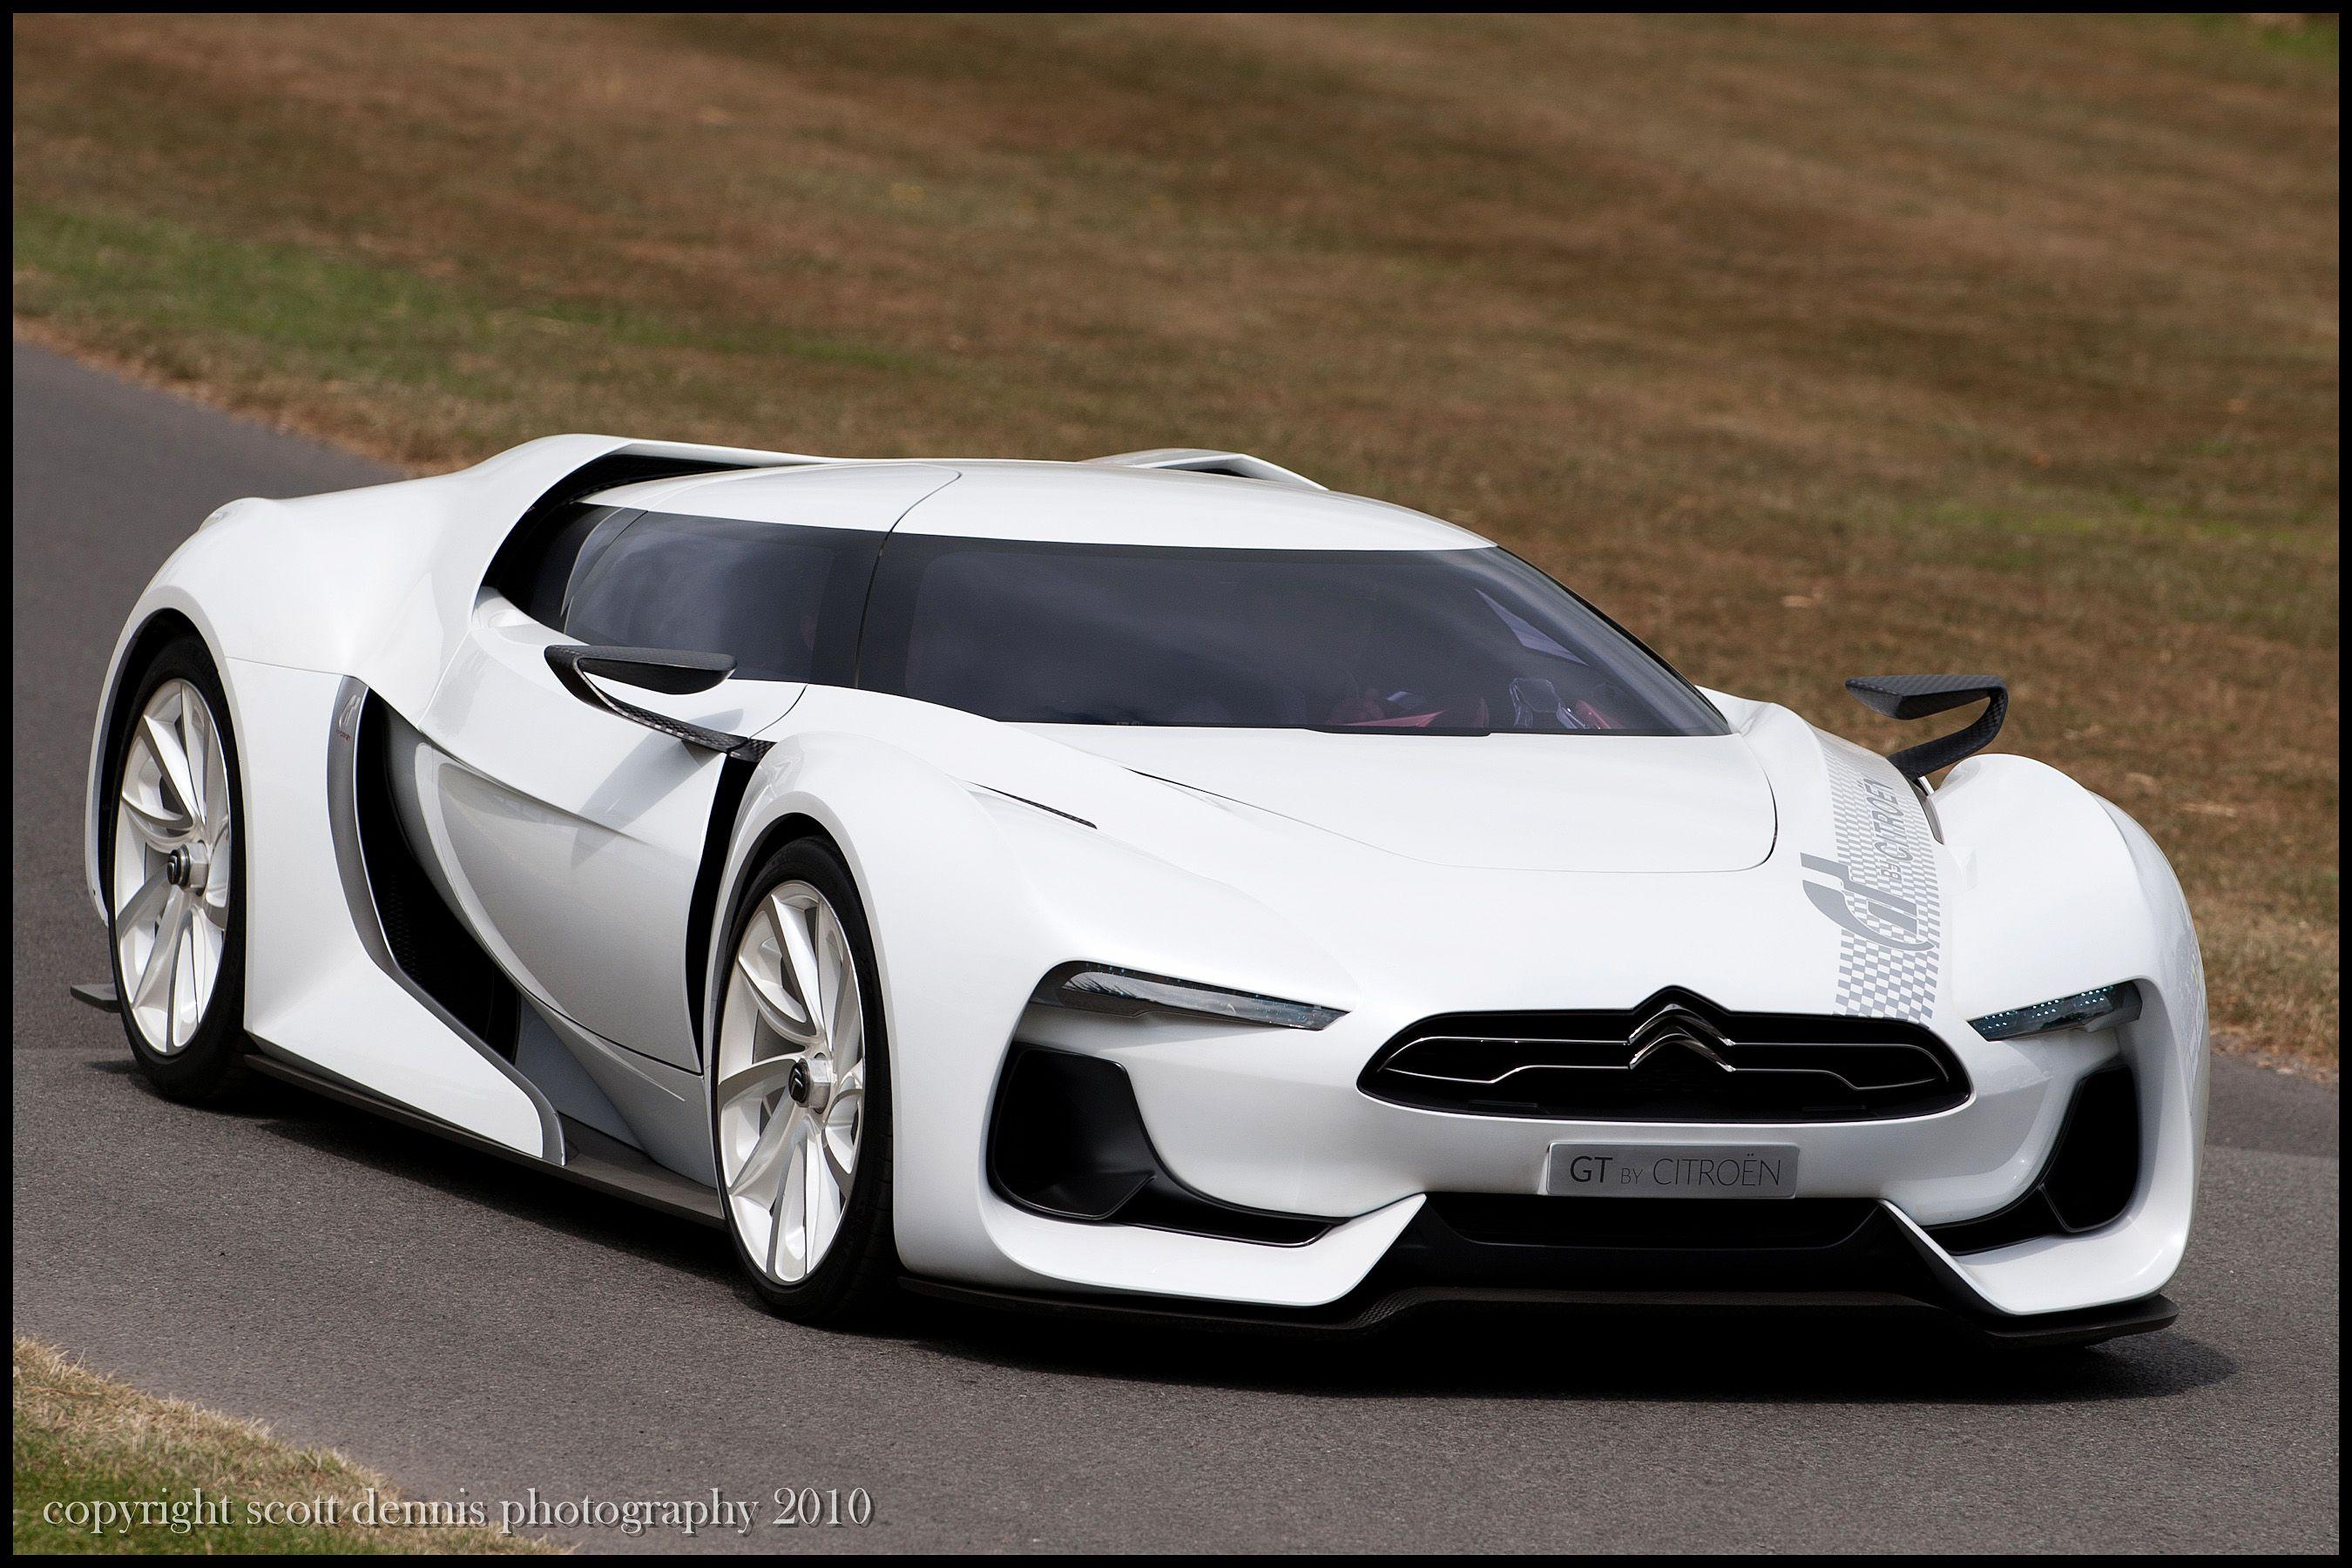 Citroen GT Concept | Swipelife